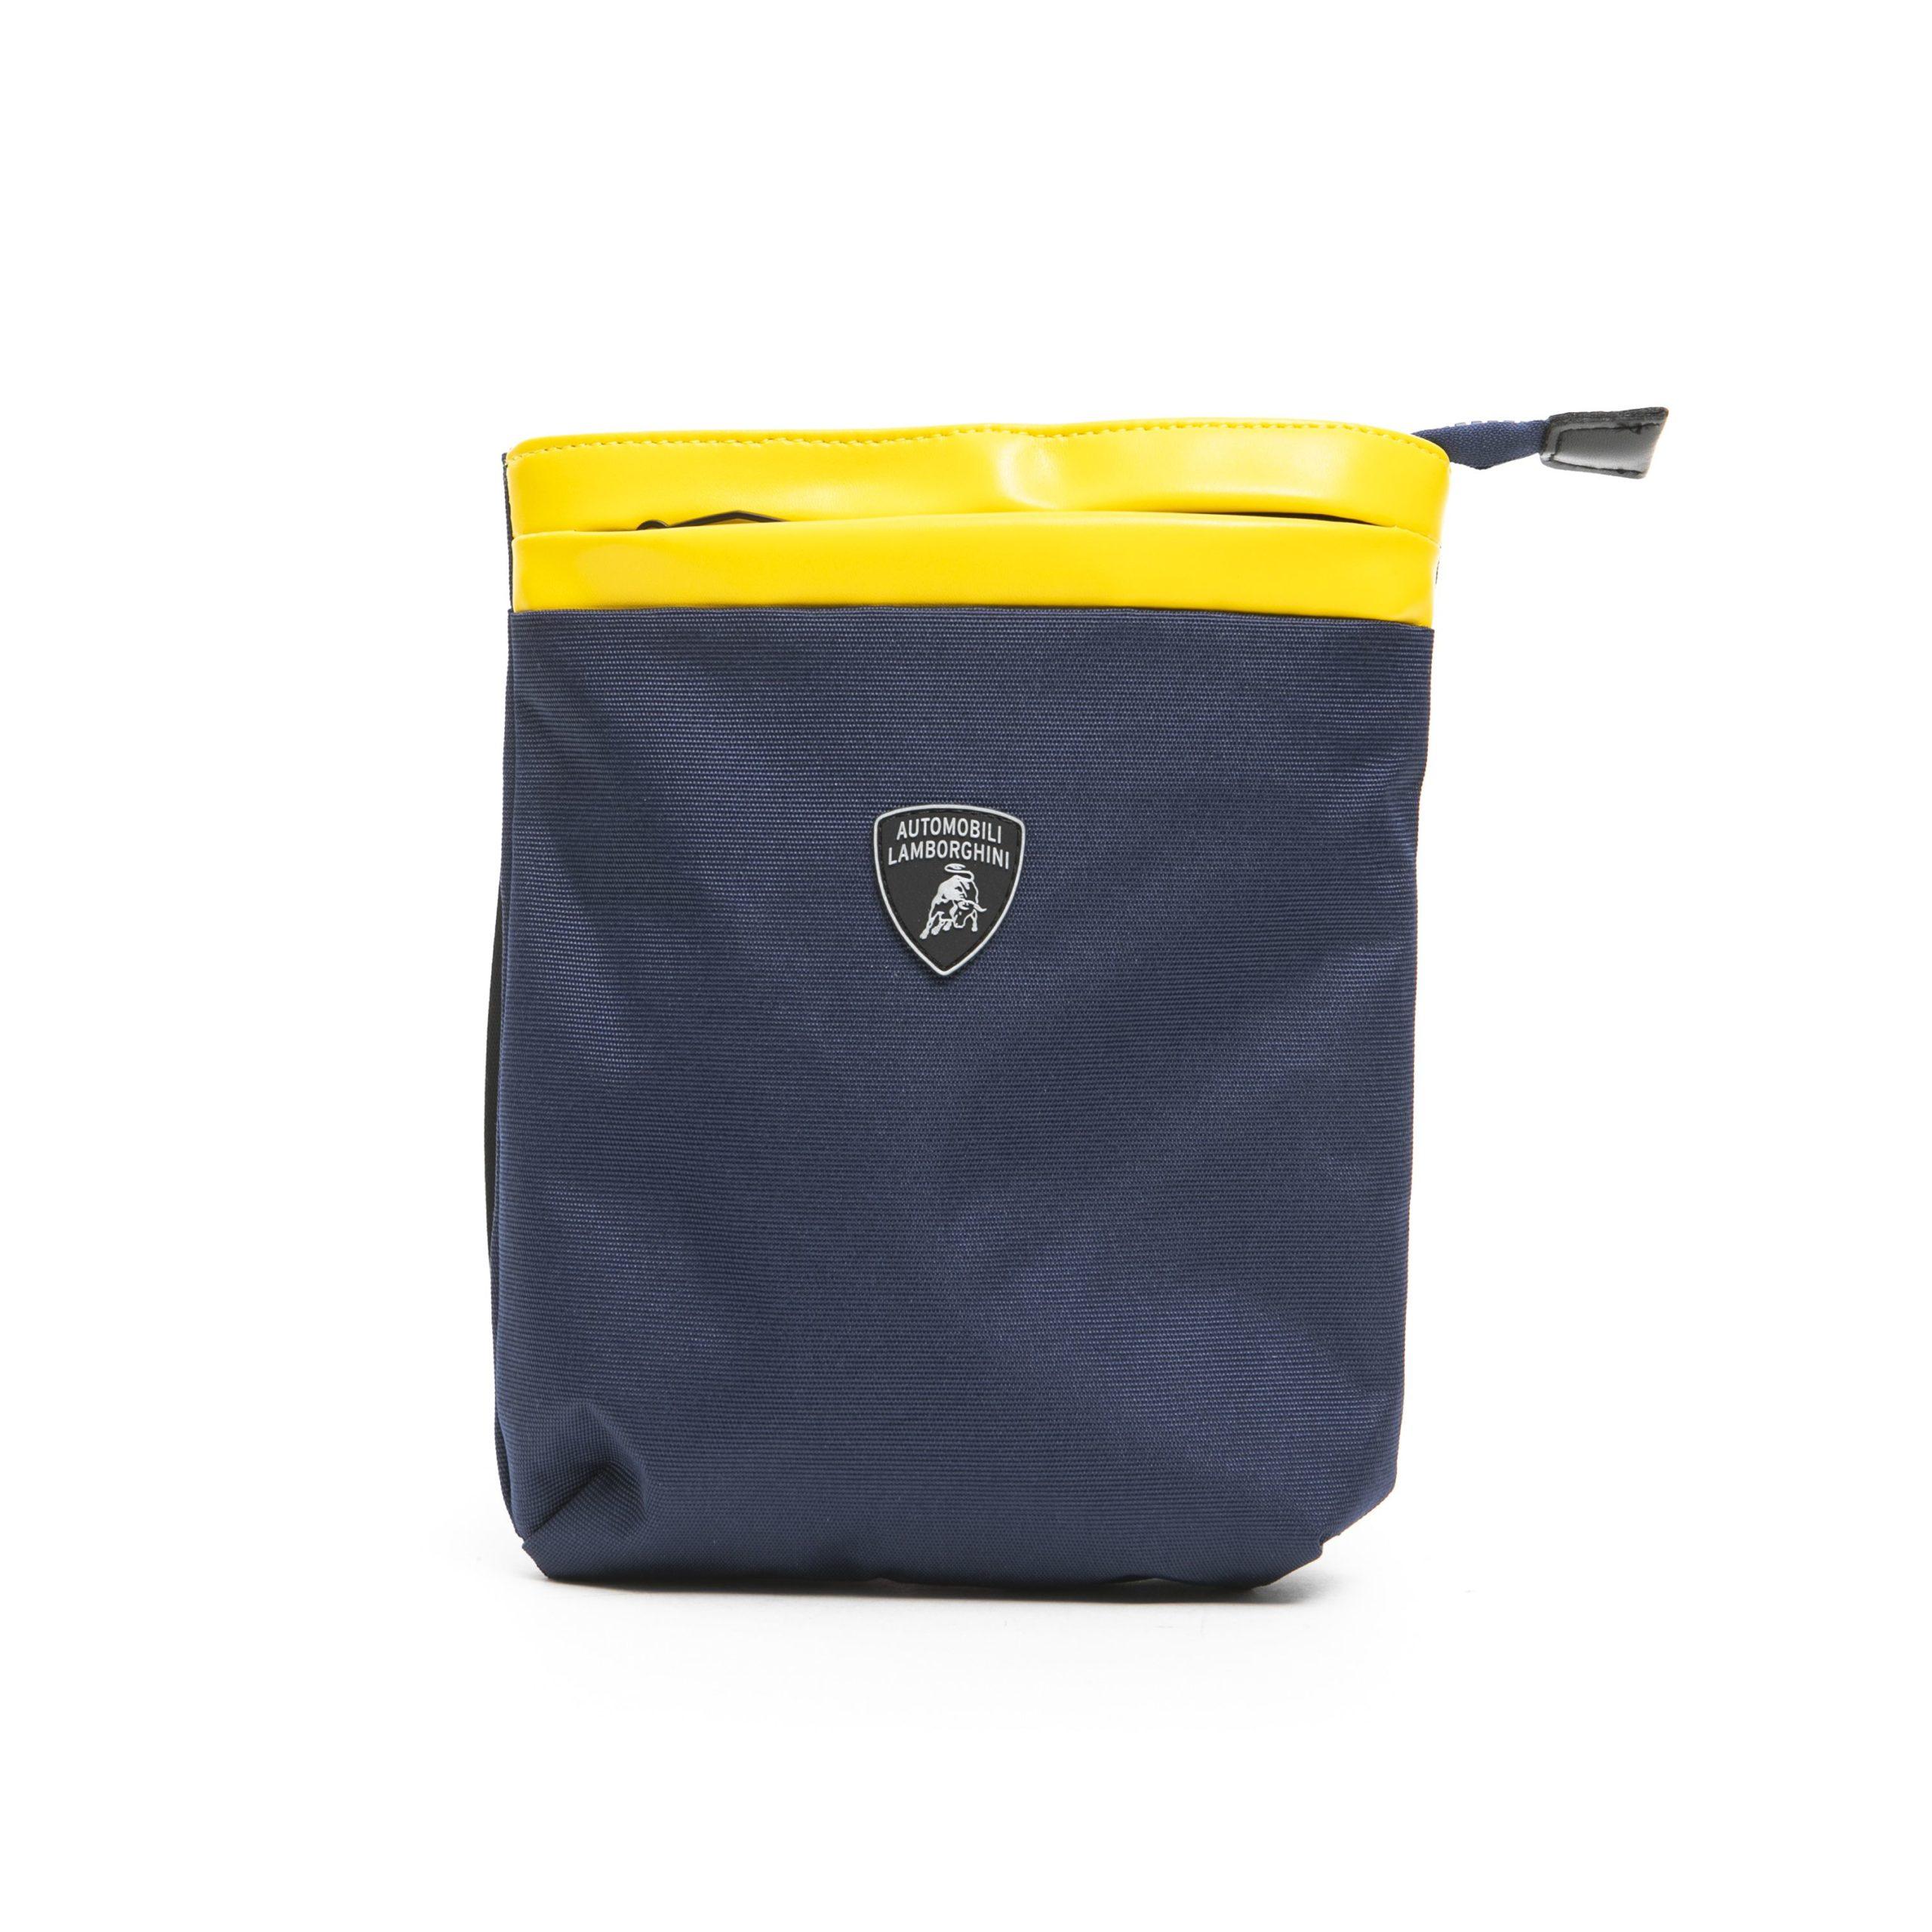 Lamborghini Men's Messenger Bag Blue LA1265721